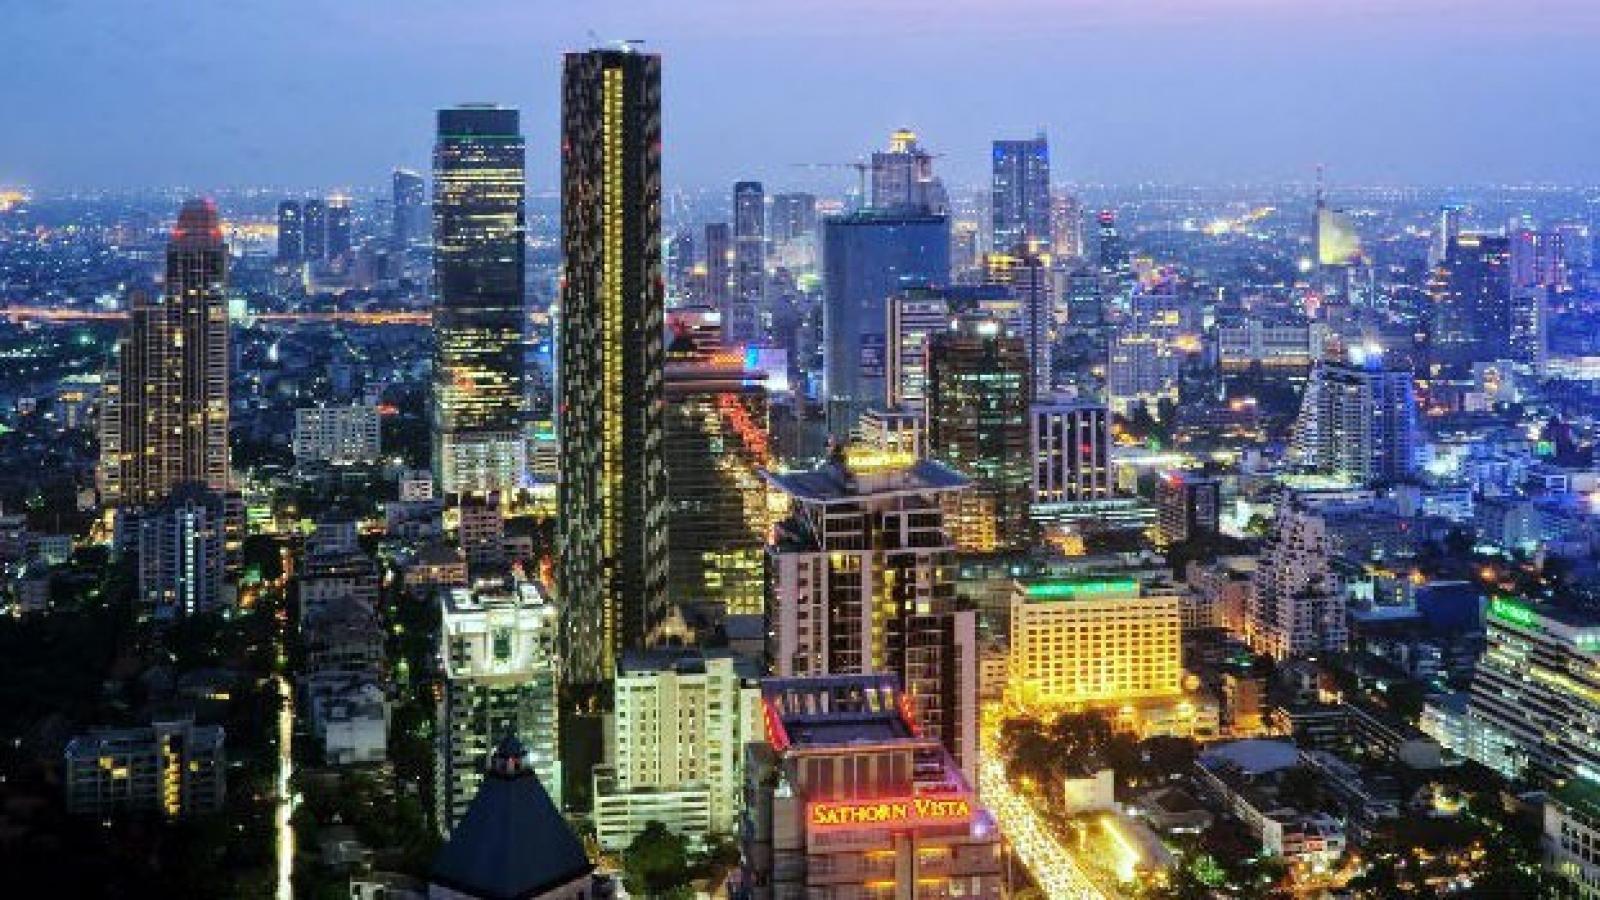 Kinh tế Thái Lan có thể mất 2 năm để phục hồi hoàn toàn